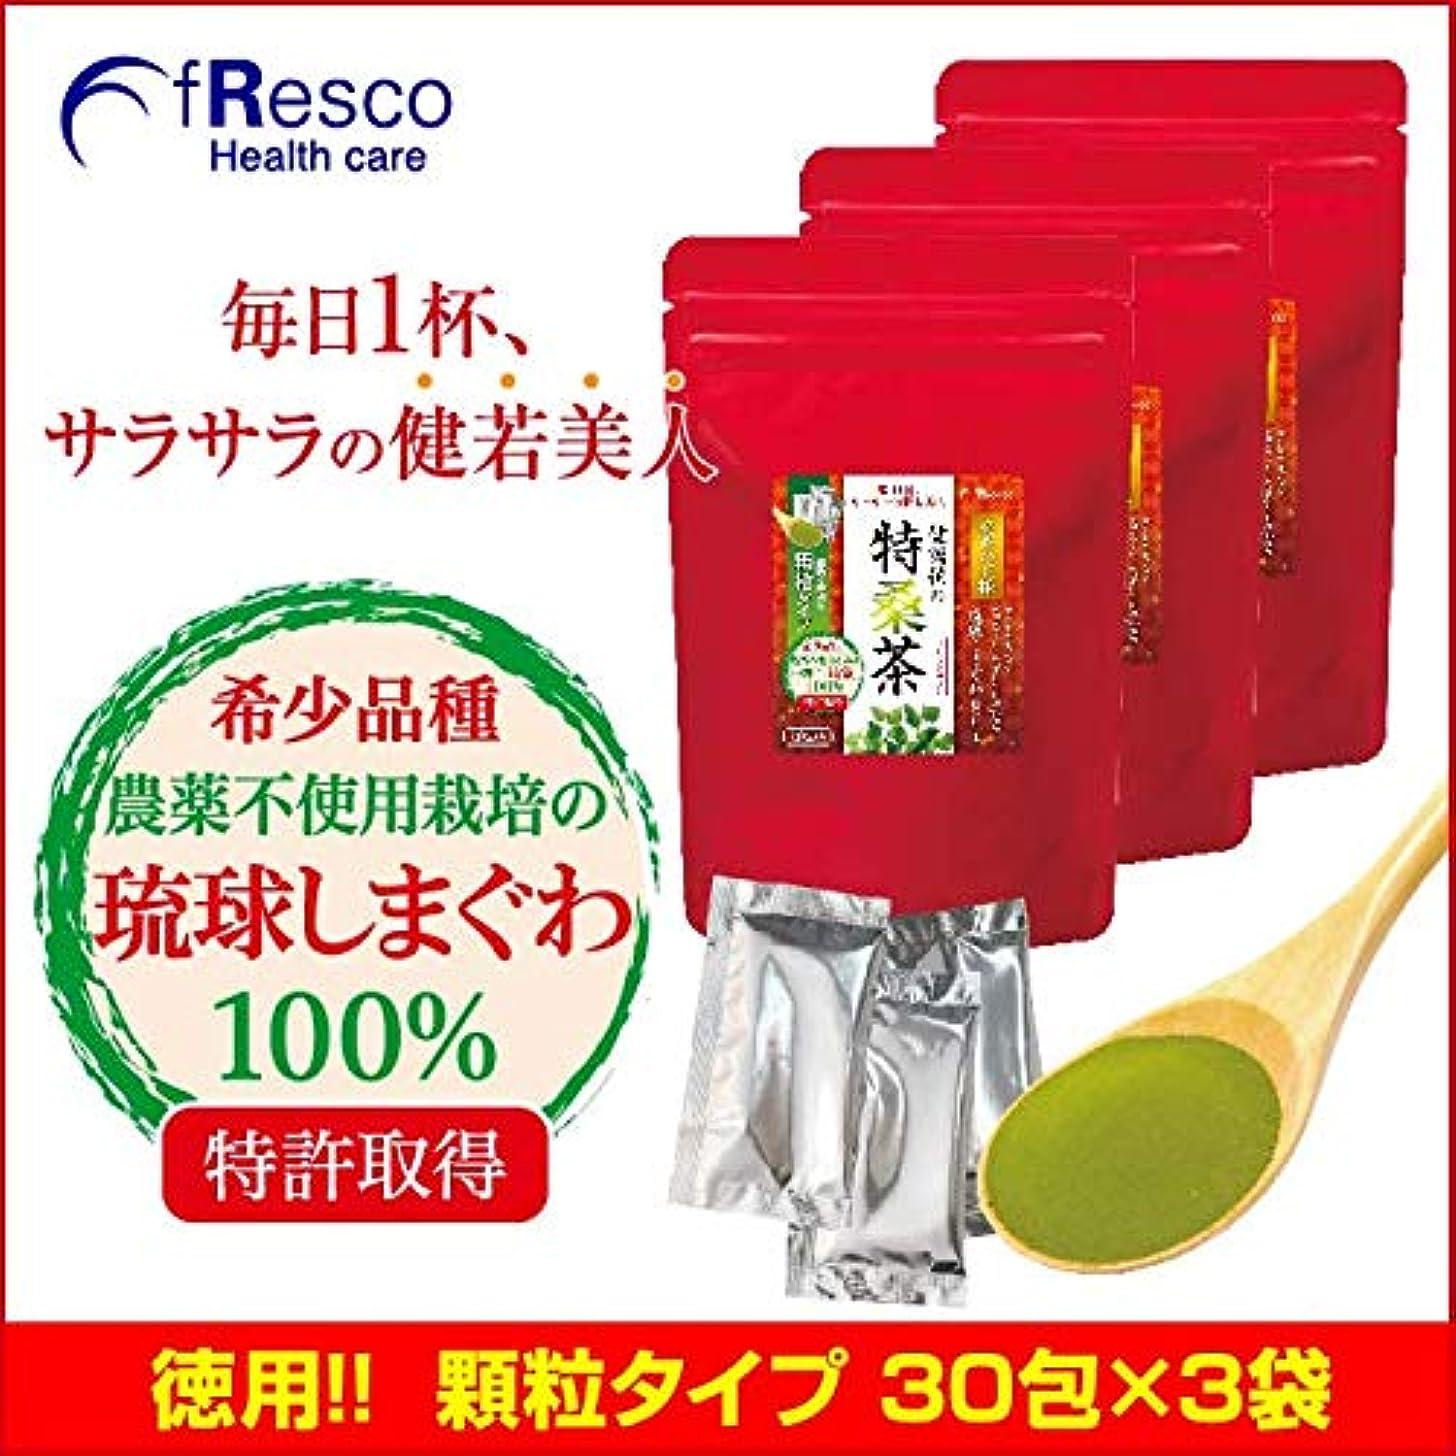 クスクスジャンピングジャックうねる琉球しまぐわ 健糖値の特桑茶 顆粒タイプ30包 90日分(3個セット)